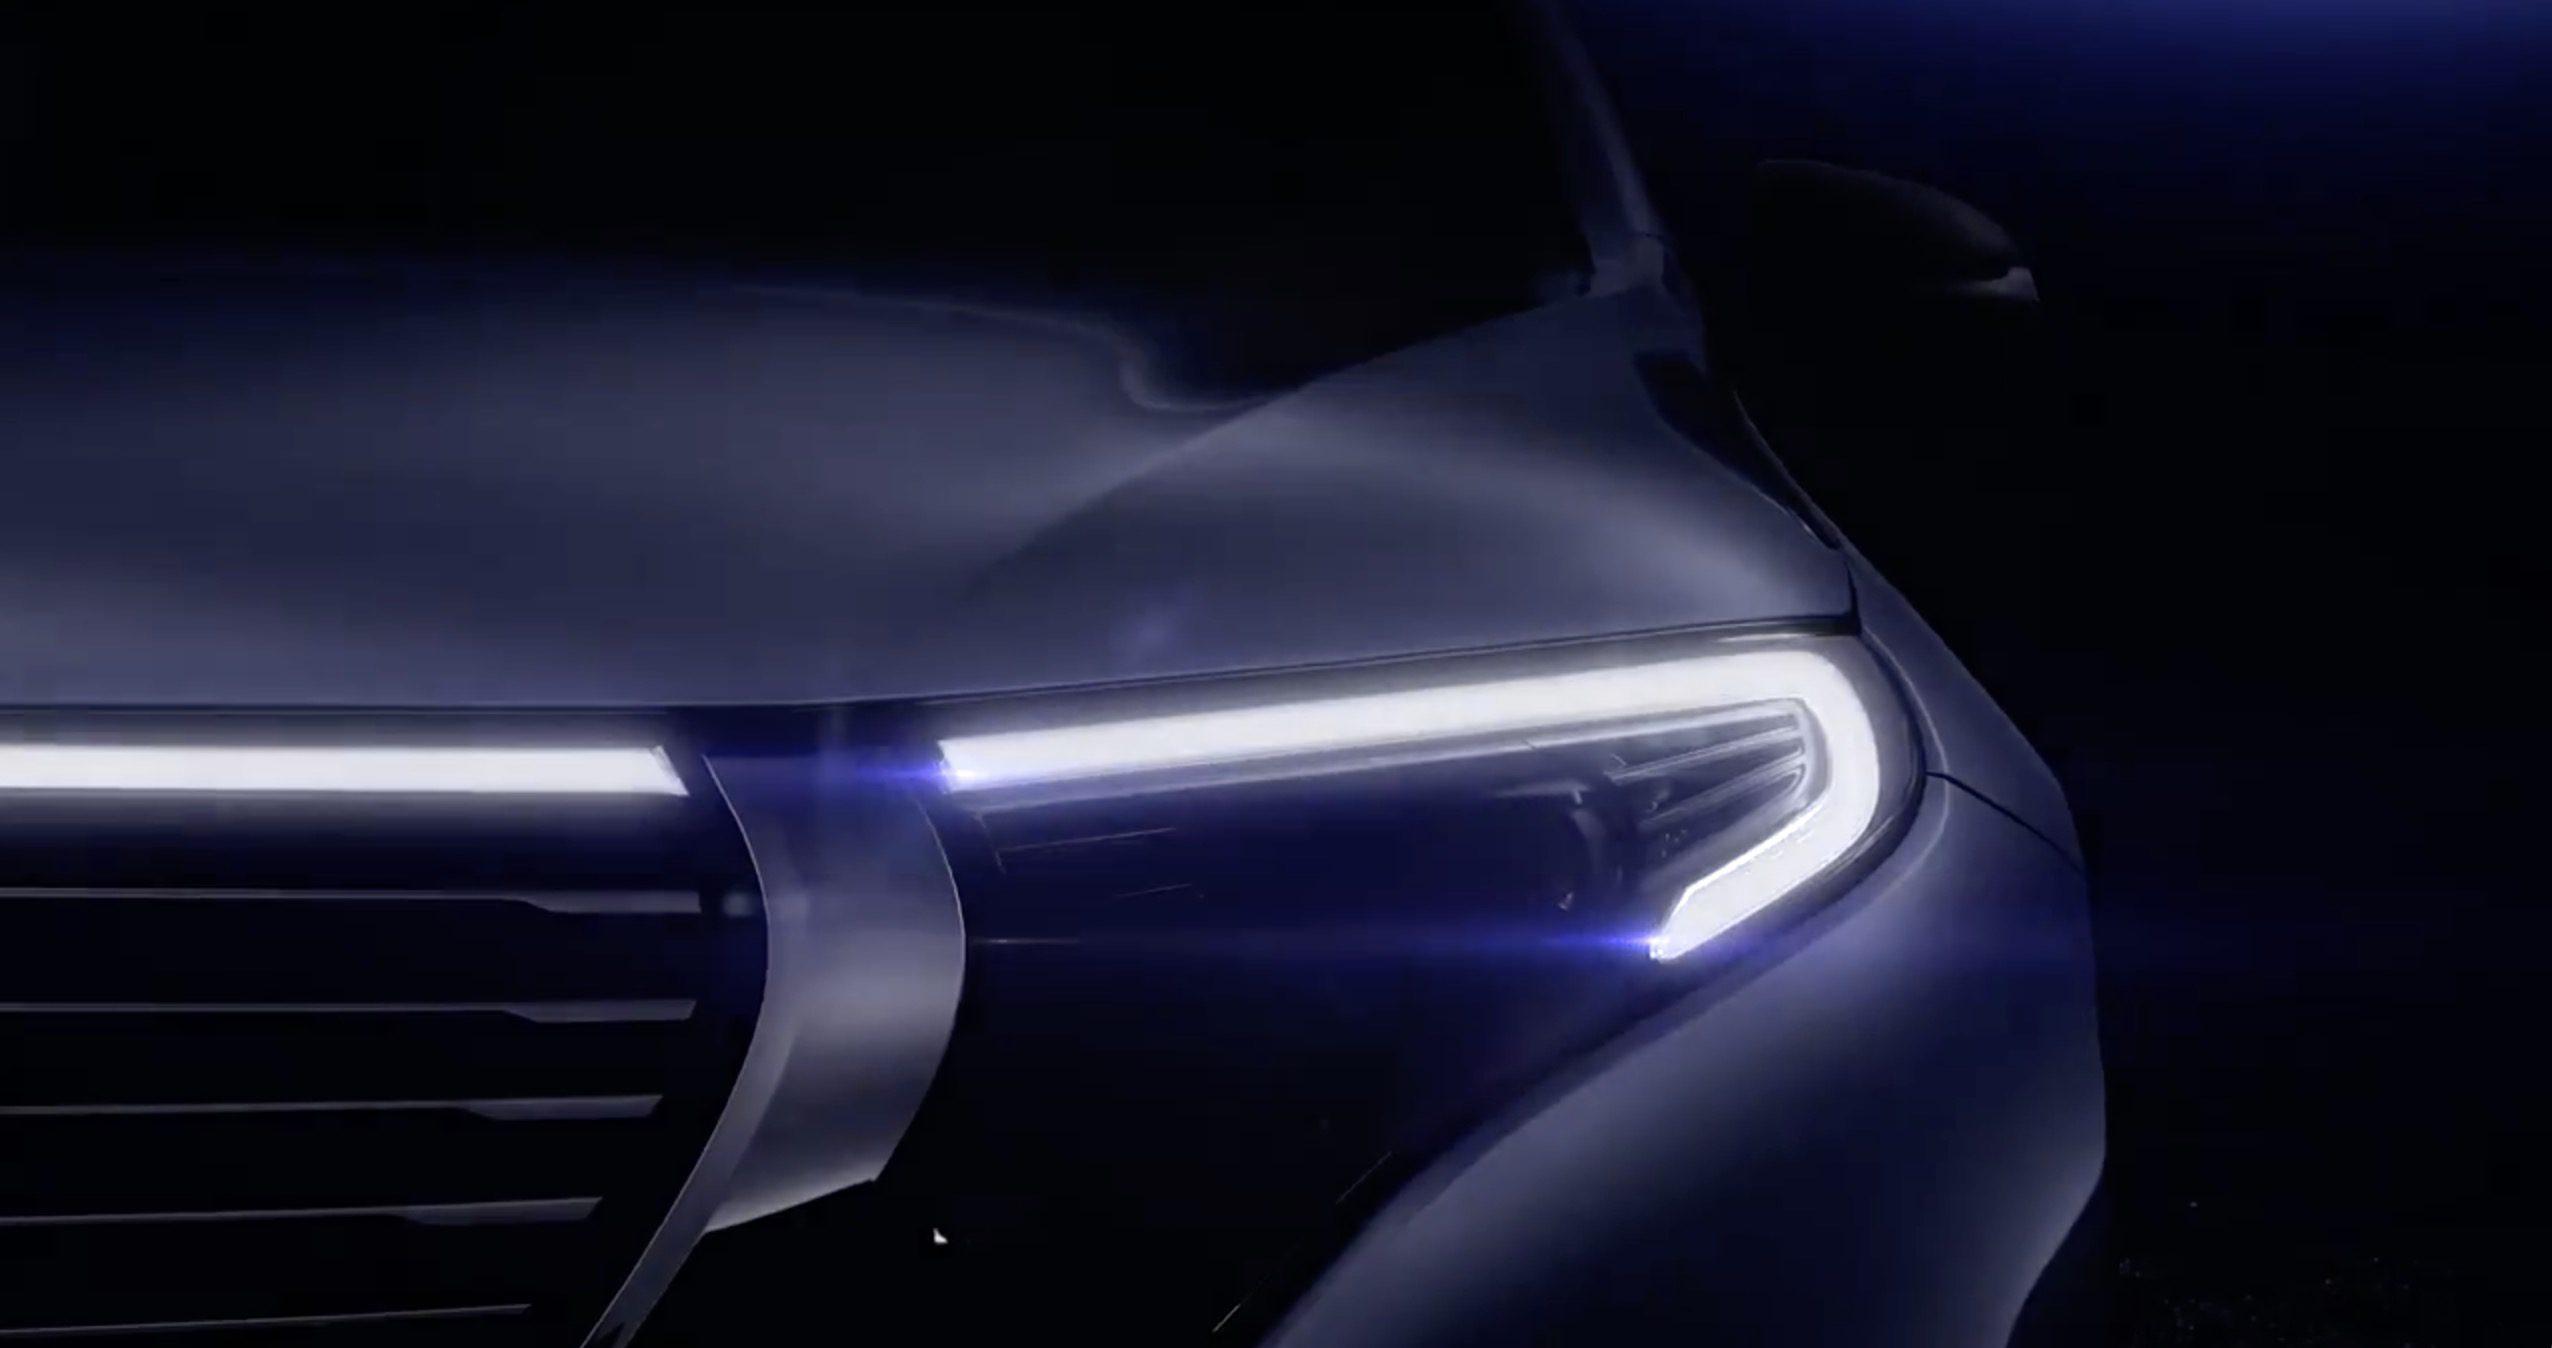 Prvi električni automobil Mercedesa će biti predstavljen 4. septembra (Video)